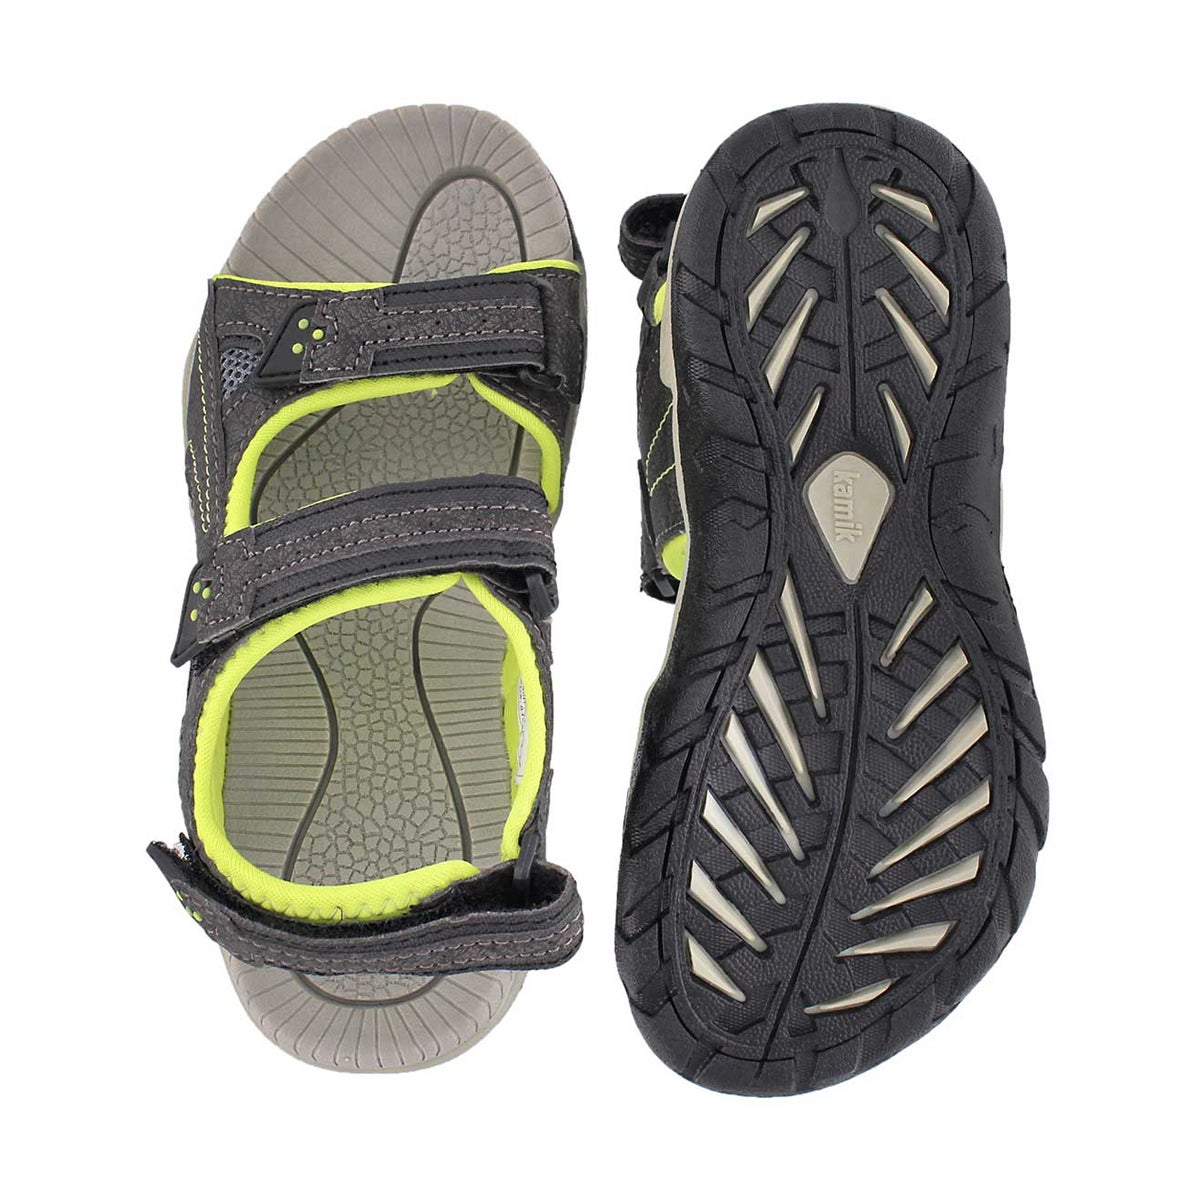 Bys Lobster blk/lim 3 strap sport sandal